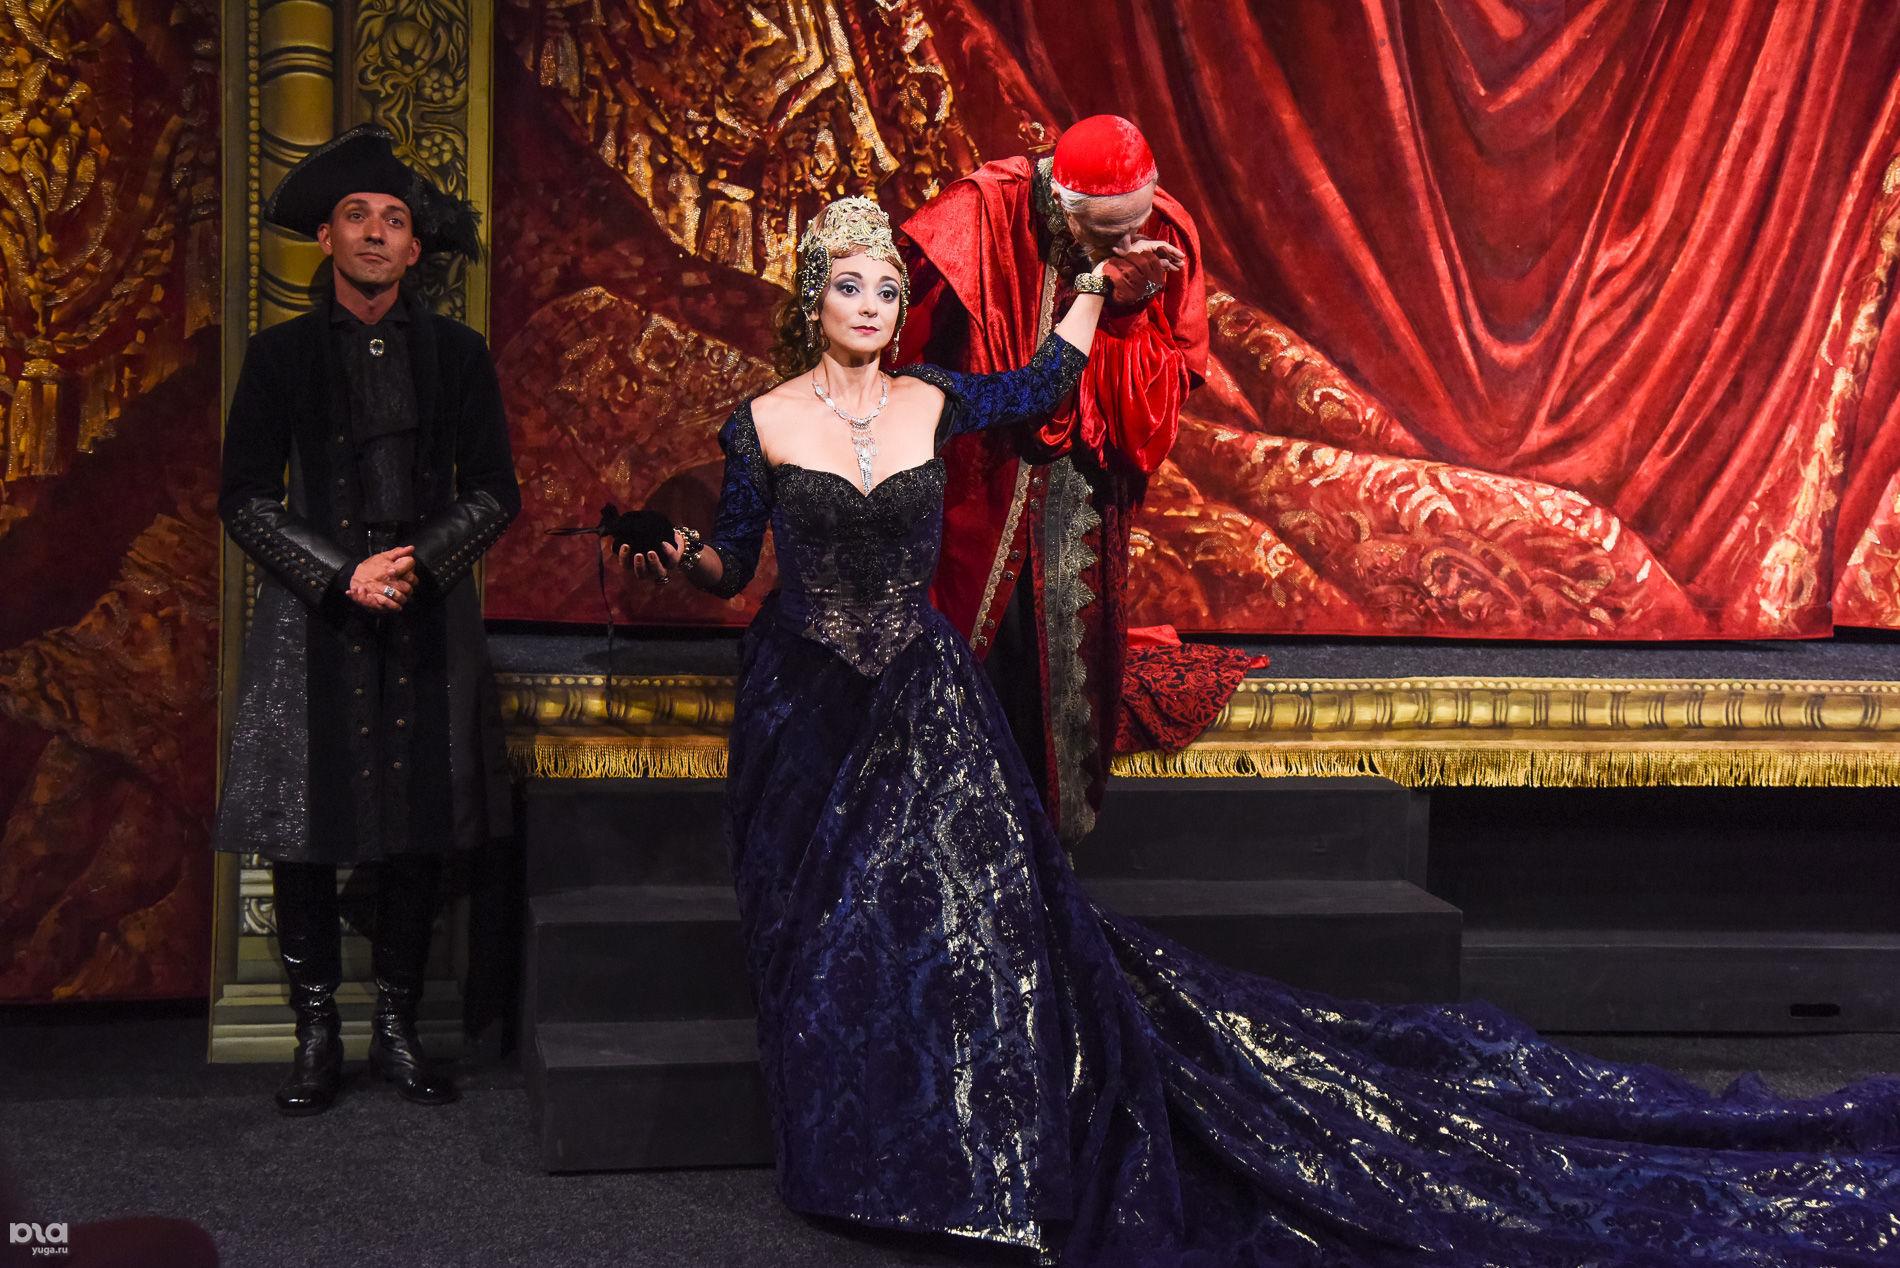 Cпектакль «Миледи» в Молодежном театре ©Фото Елены Синеок, Юга.ру